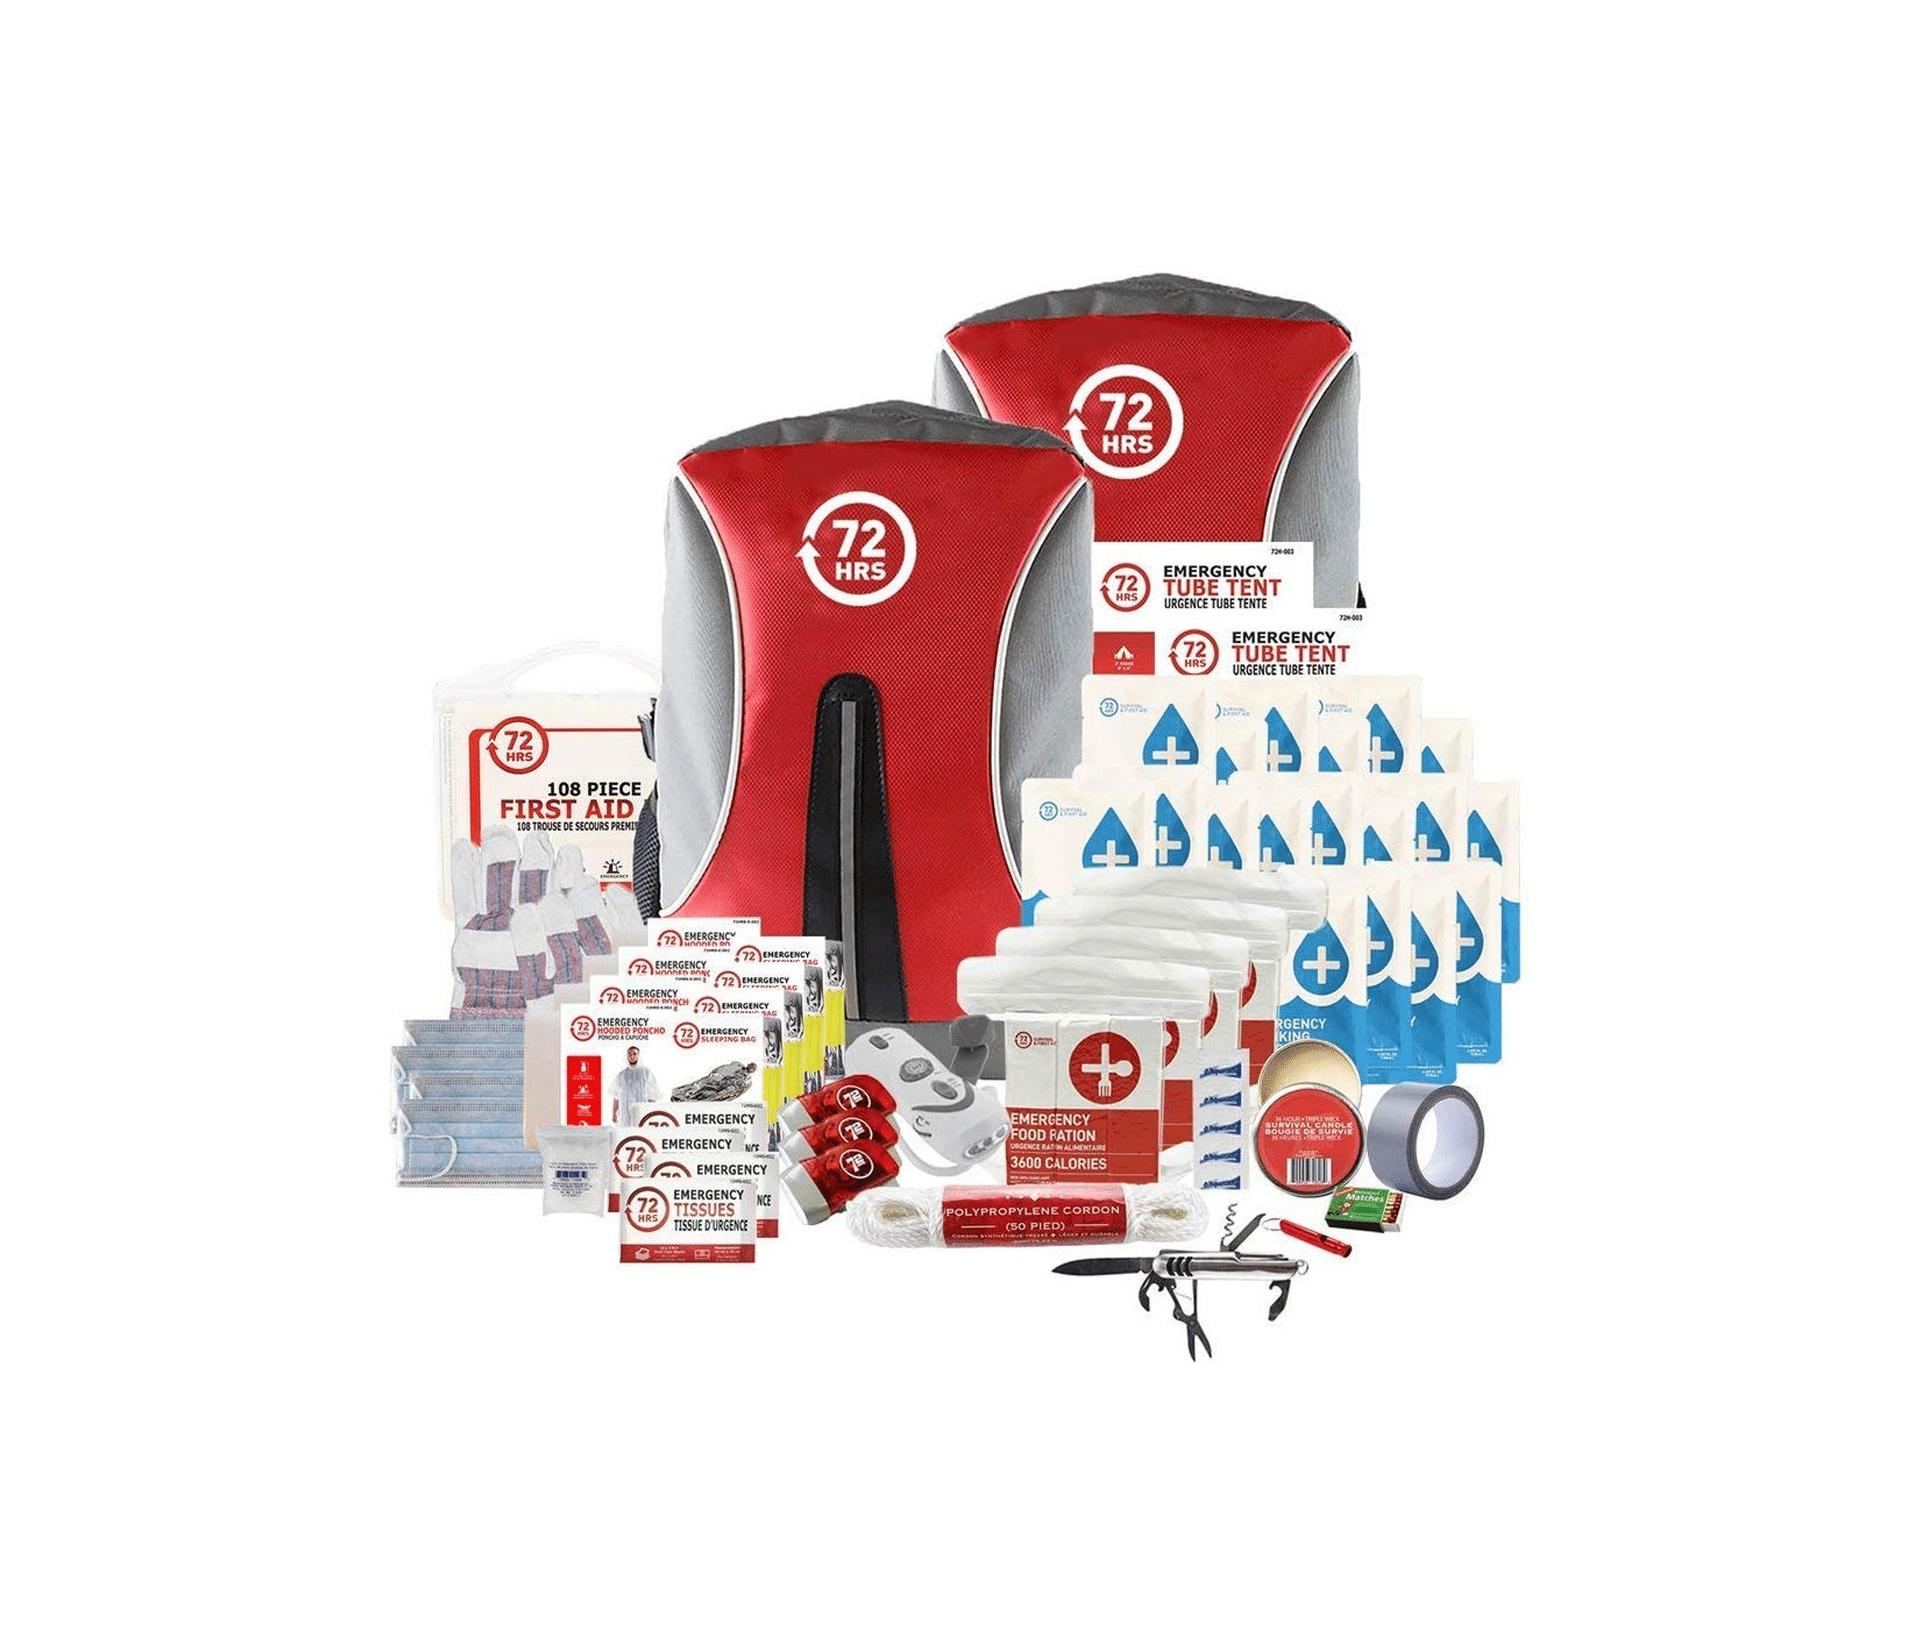 72HRS Earthquake Preparedness Kit